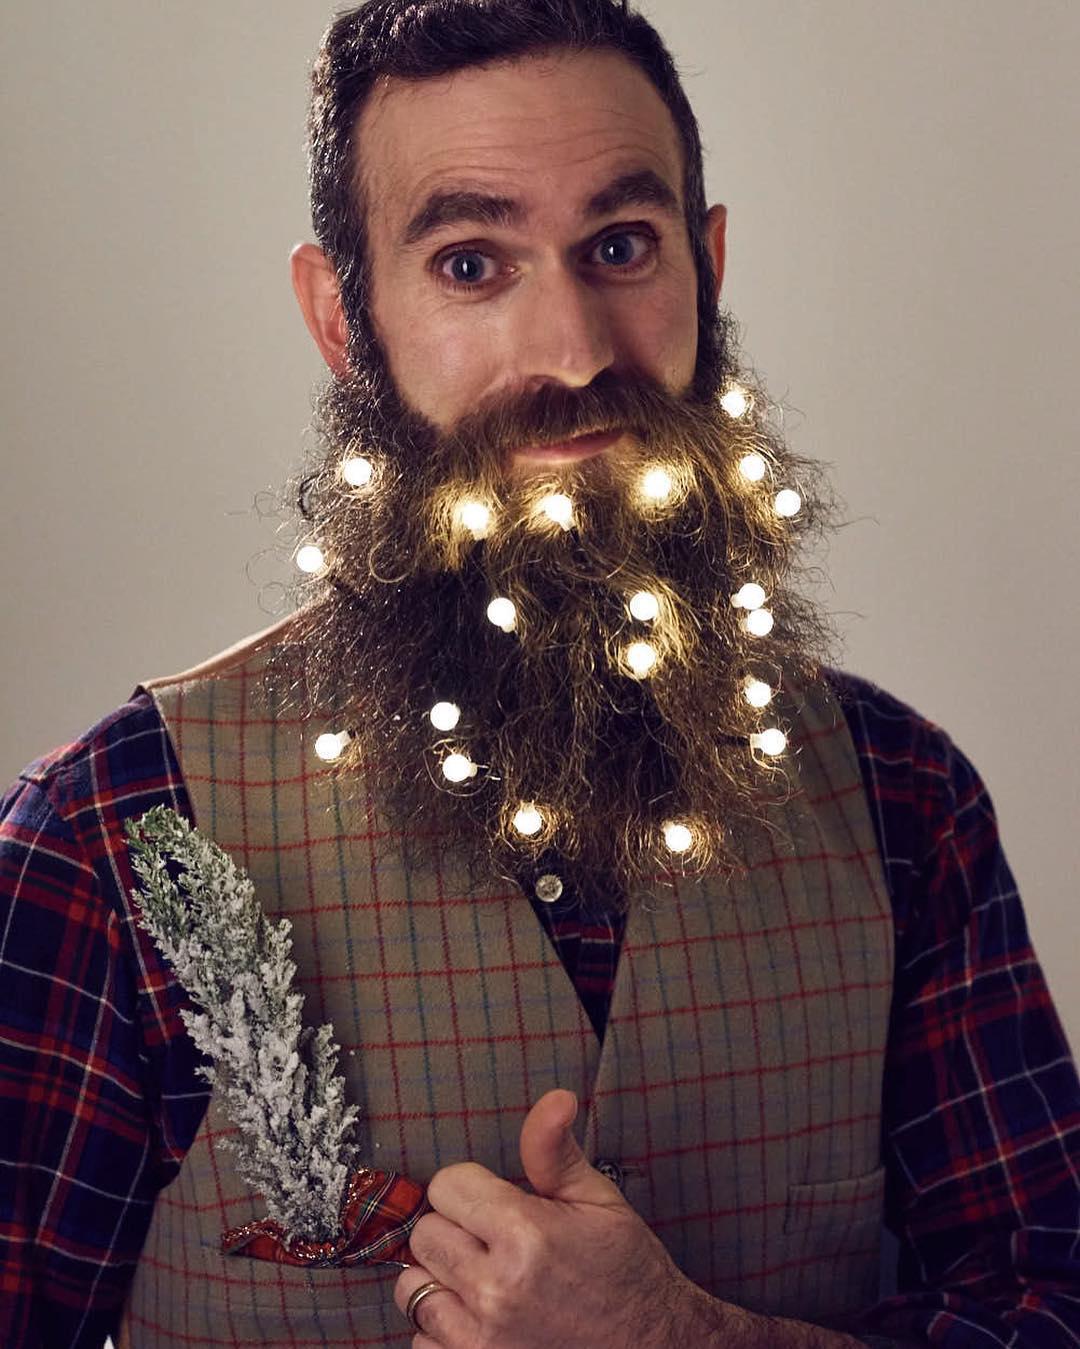 Лампочка в бороду, бес в ребро